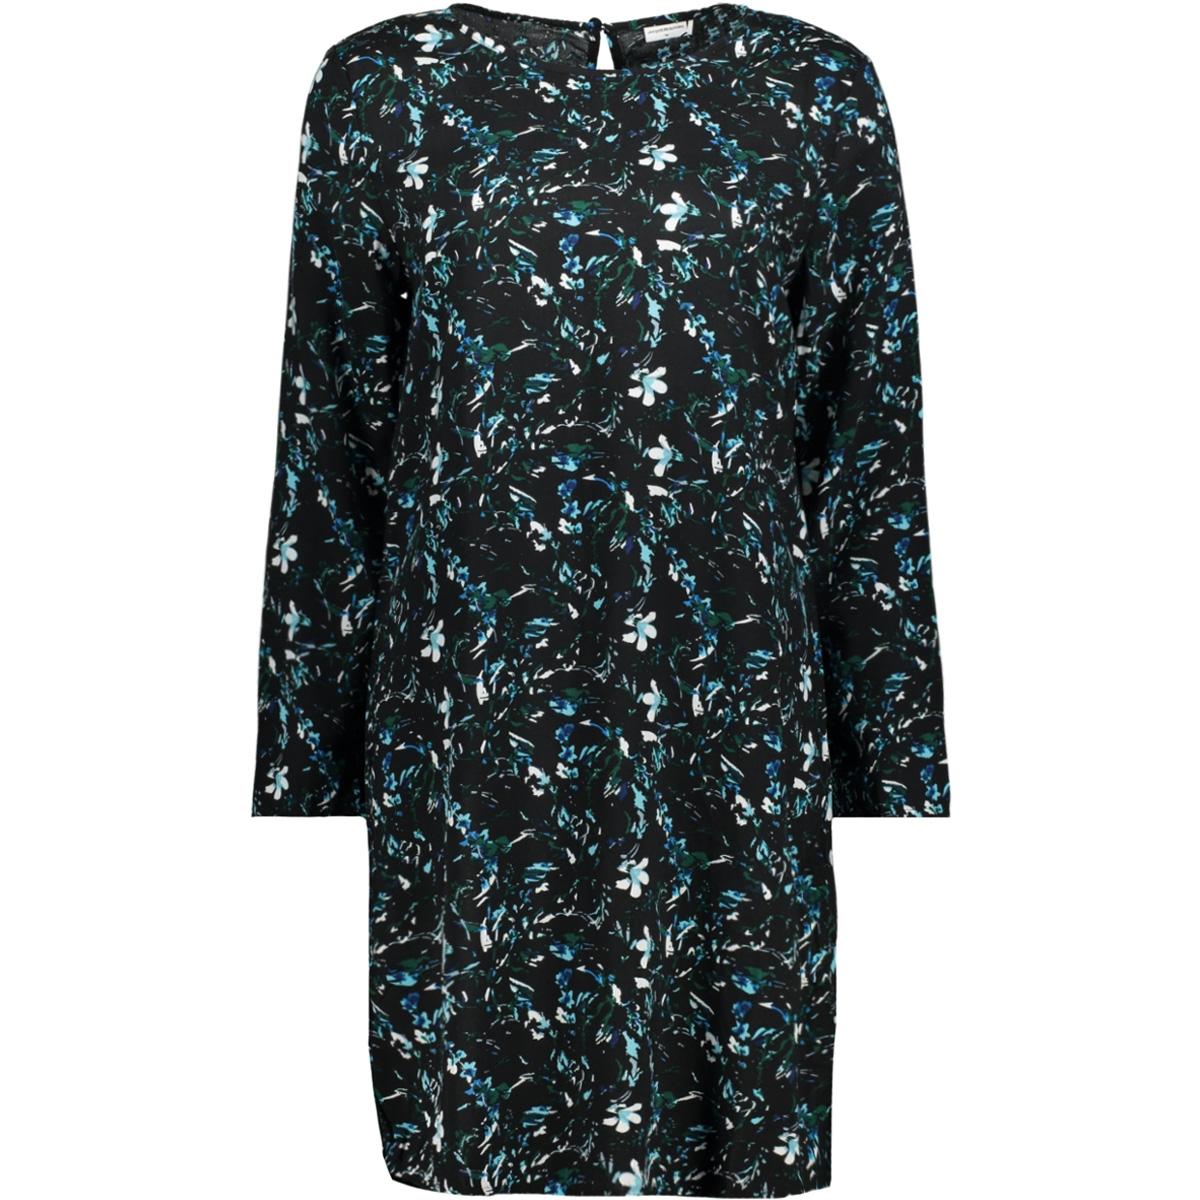 jdybillie ls print dress wvn rpt 15157667 jacqueline de yong jurk black/01